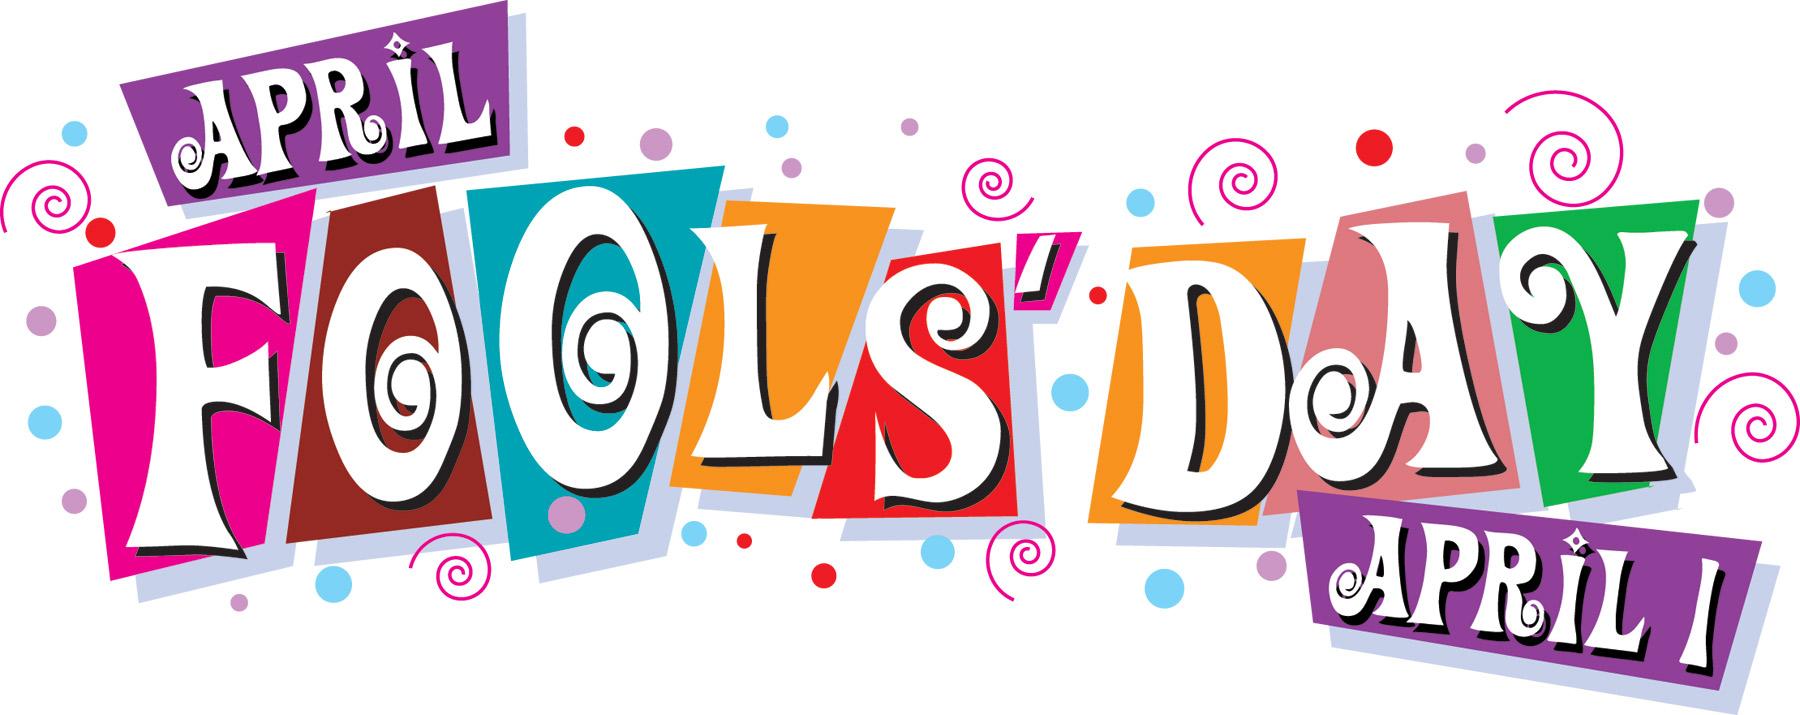 April fools clipart png transparent stock April Fools Clipart - Clipart Kid png transparent stock